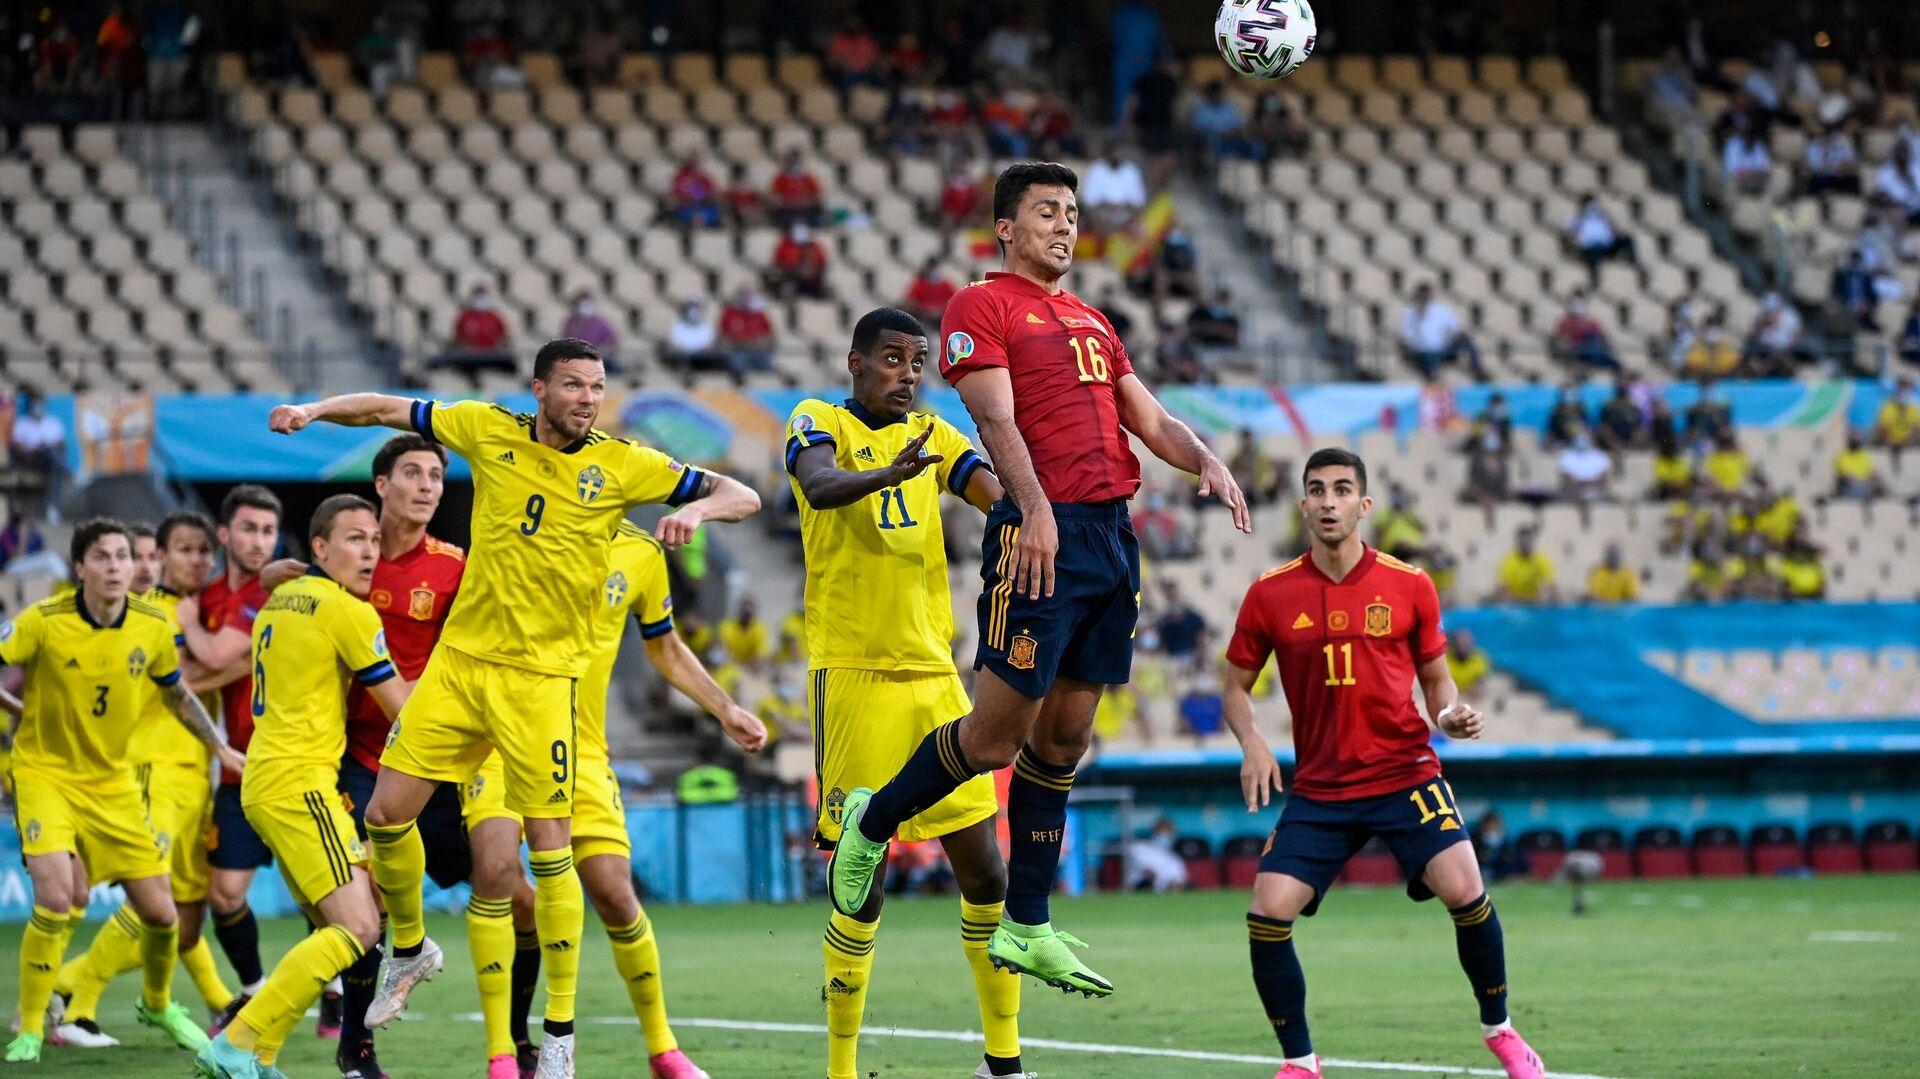 Игровой момент матча Испания - Швеция - РИА Новости, 1920, 15.06.2021